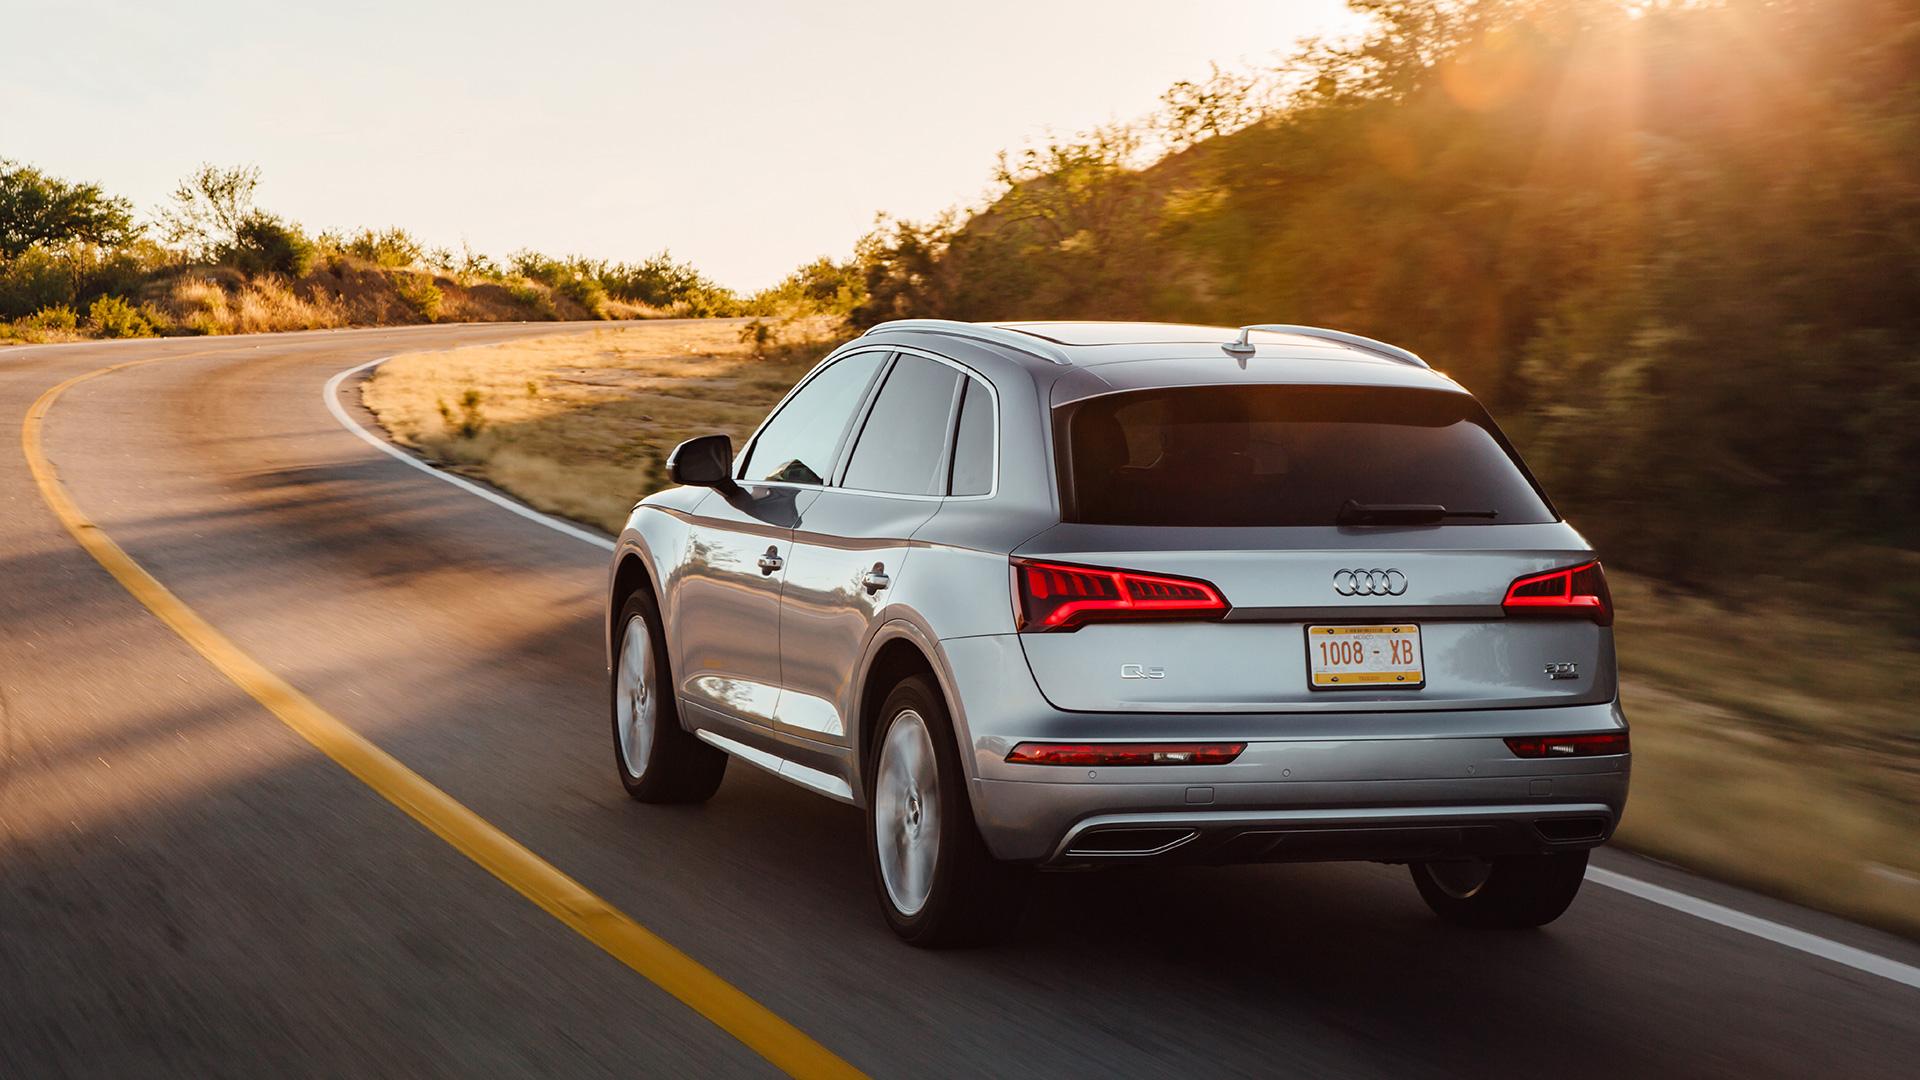 Чем насамом деле отличается новая Audi Q5 отстарой: первый тест-драйв. Фото 4